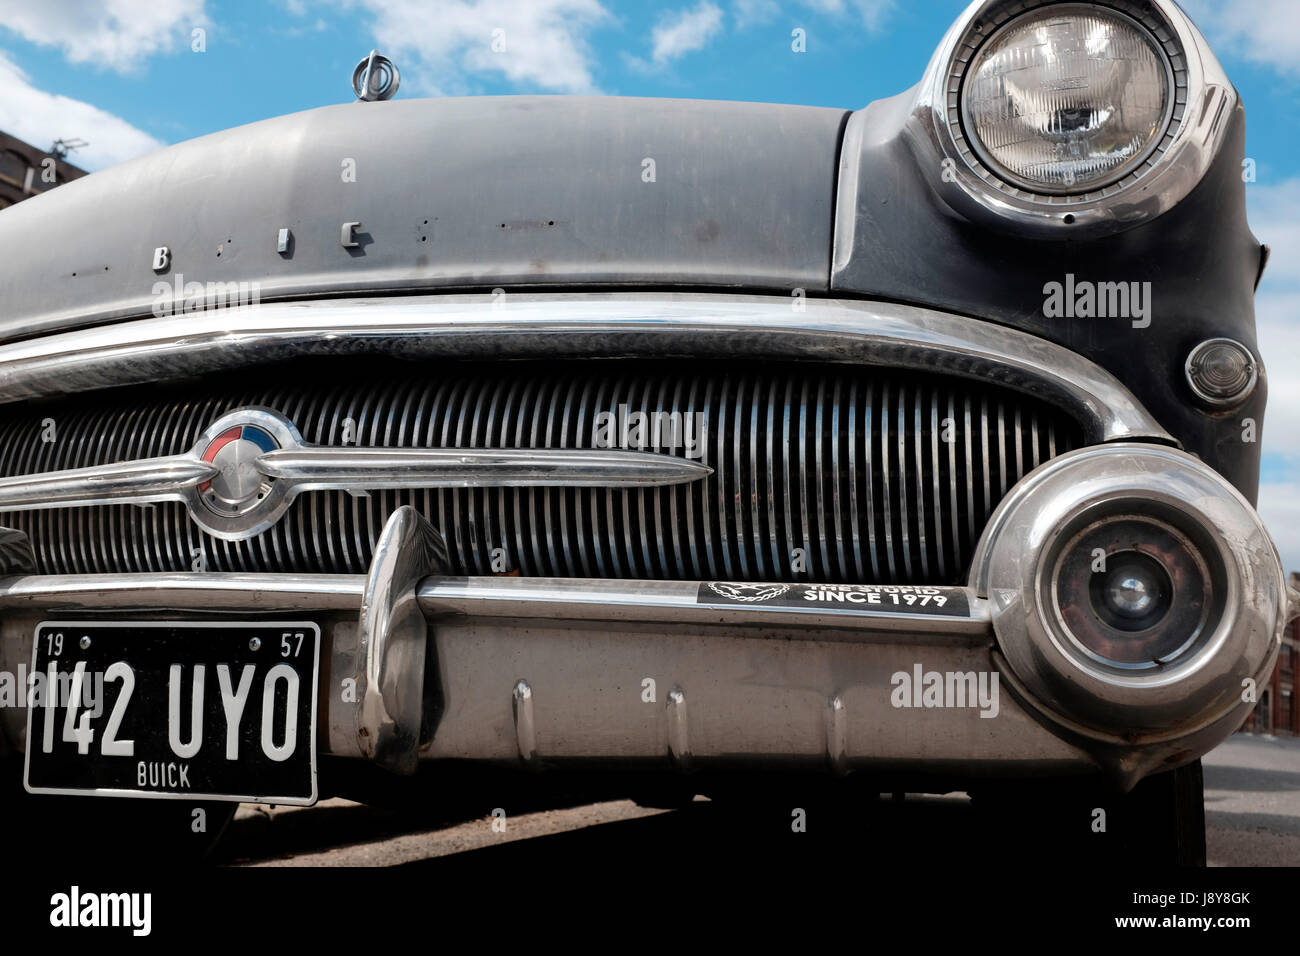 Un cadre rustique à la Buick 1957 automobile avec lettres manquantes dans le nom. Londres, Angleterre, Royaume Photo Stock